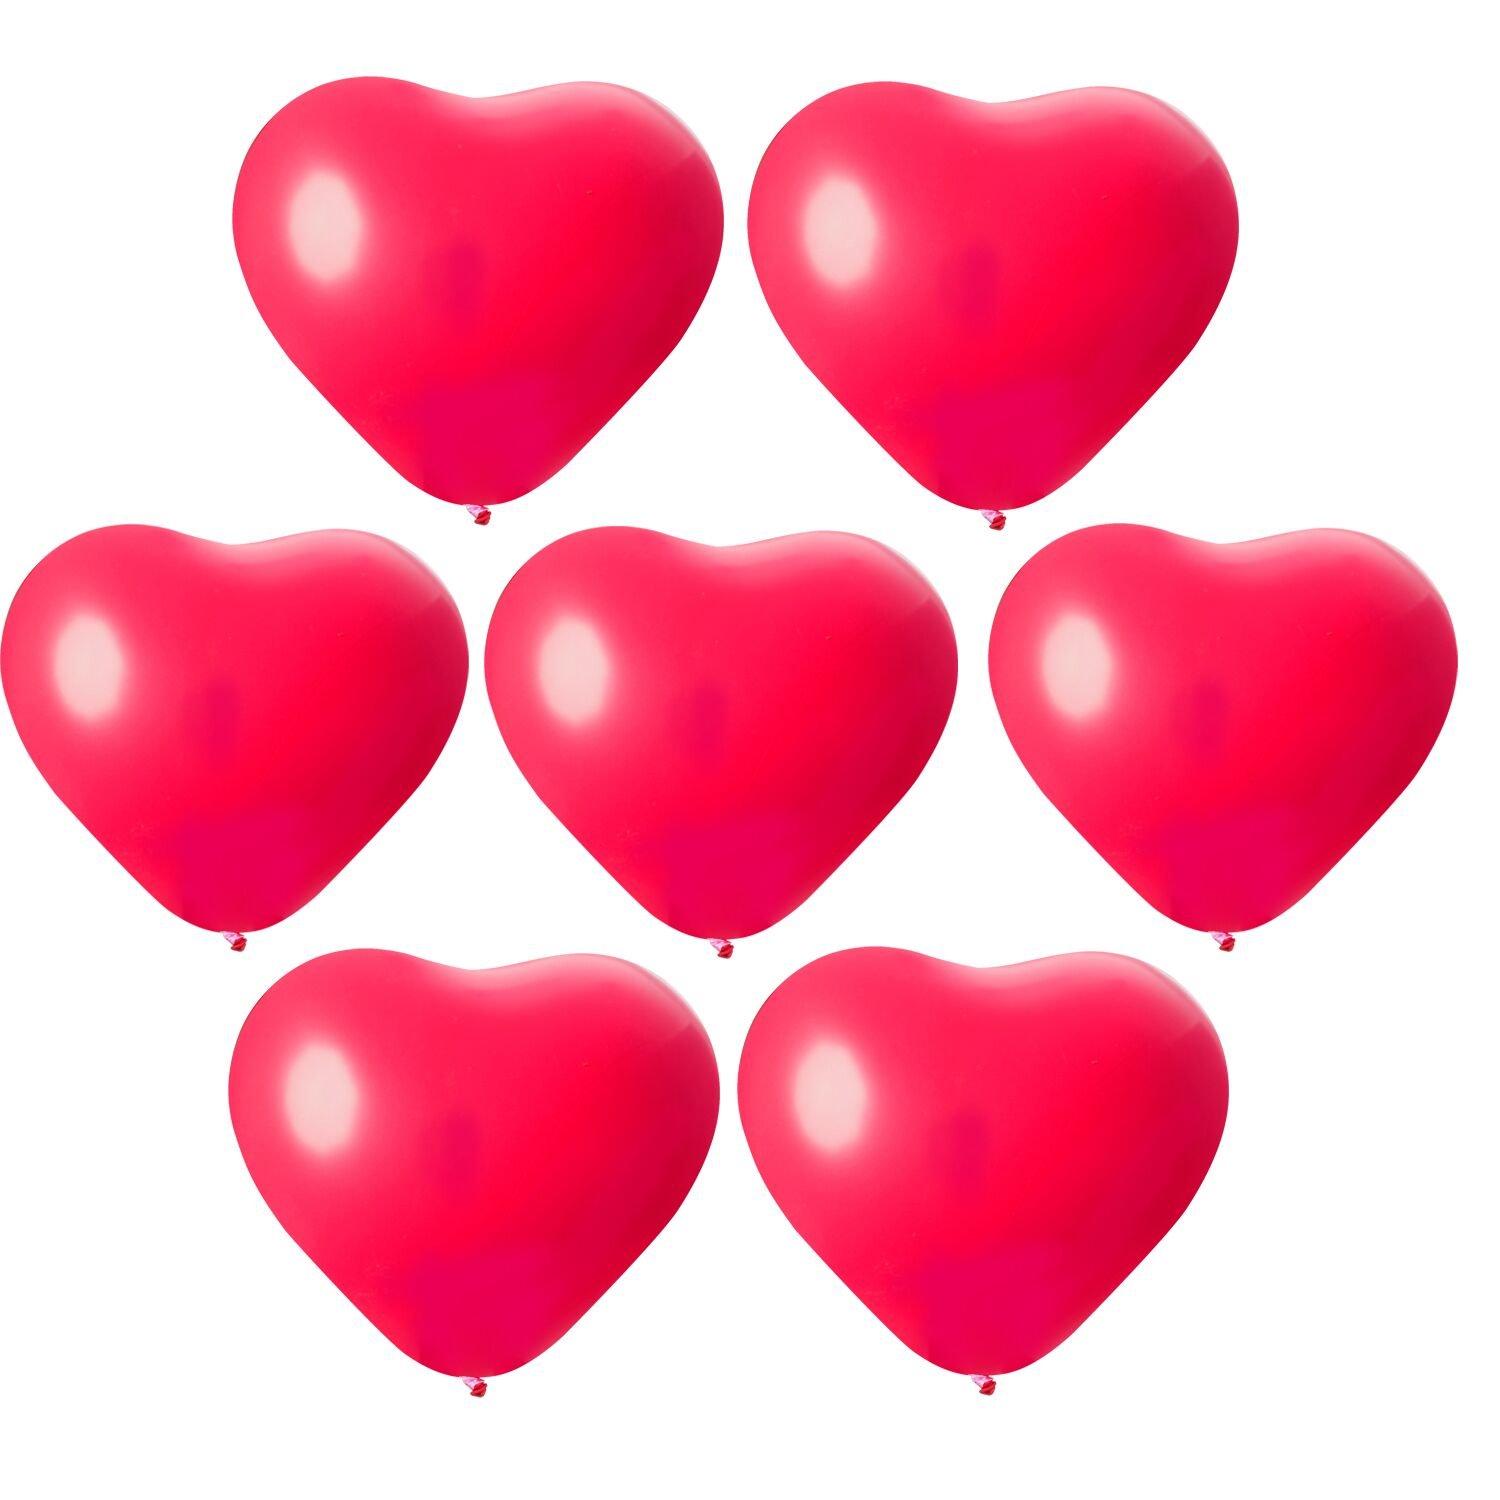 Globos de Corazón Rojo – Meersee 100 Globos de Latex Con Forma de Corazon con Bomba y 6 Cinta Corazón Globos para Fiesta de Cumpleaños (corazón)